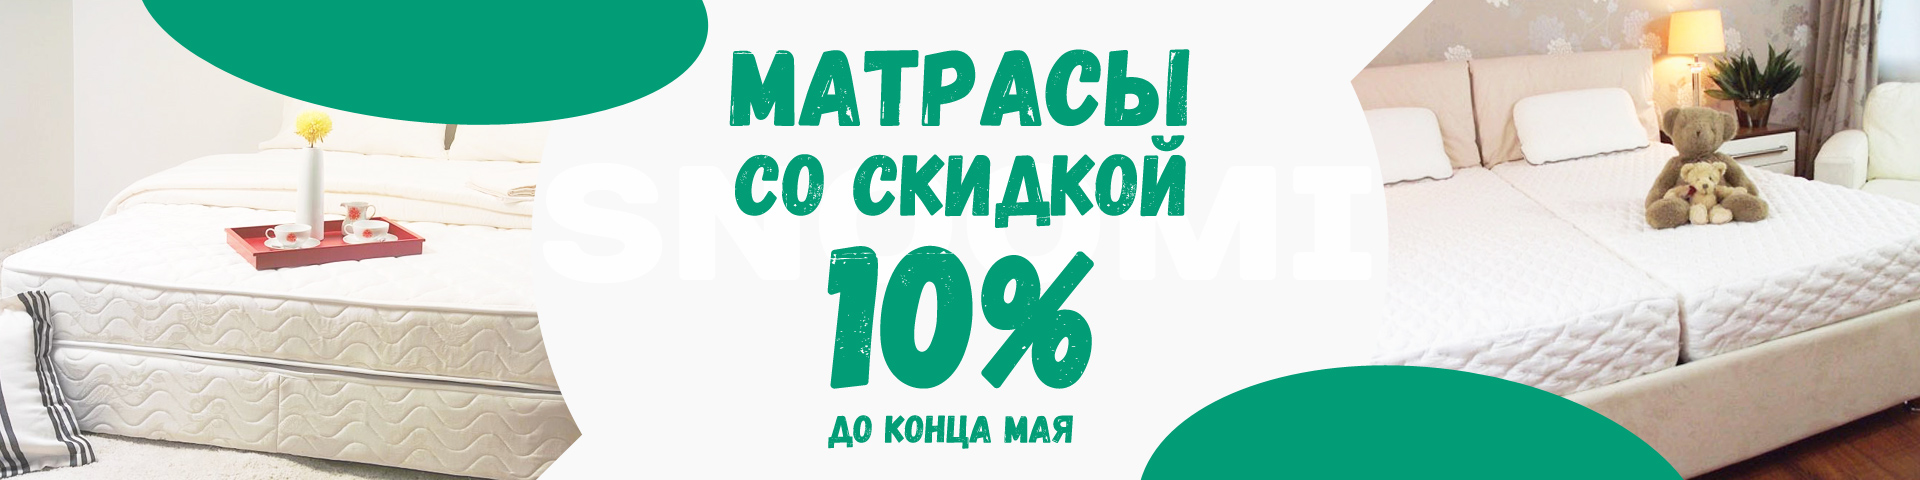 Майская распродажа матрасов в магазине Snoomi